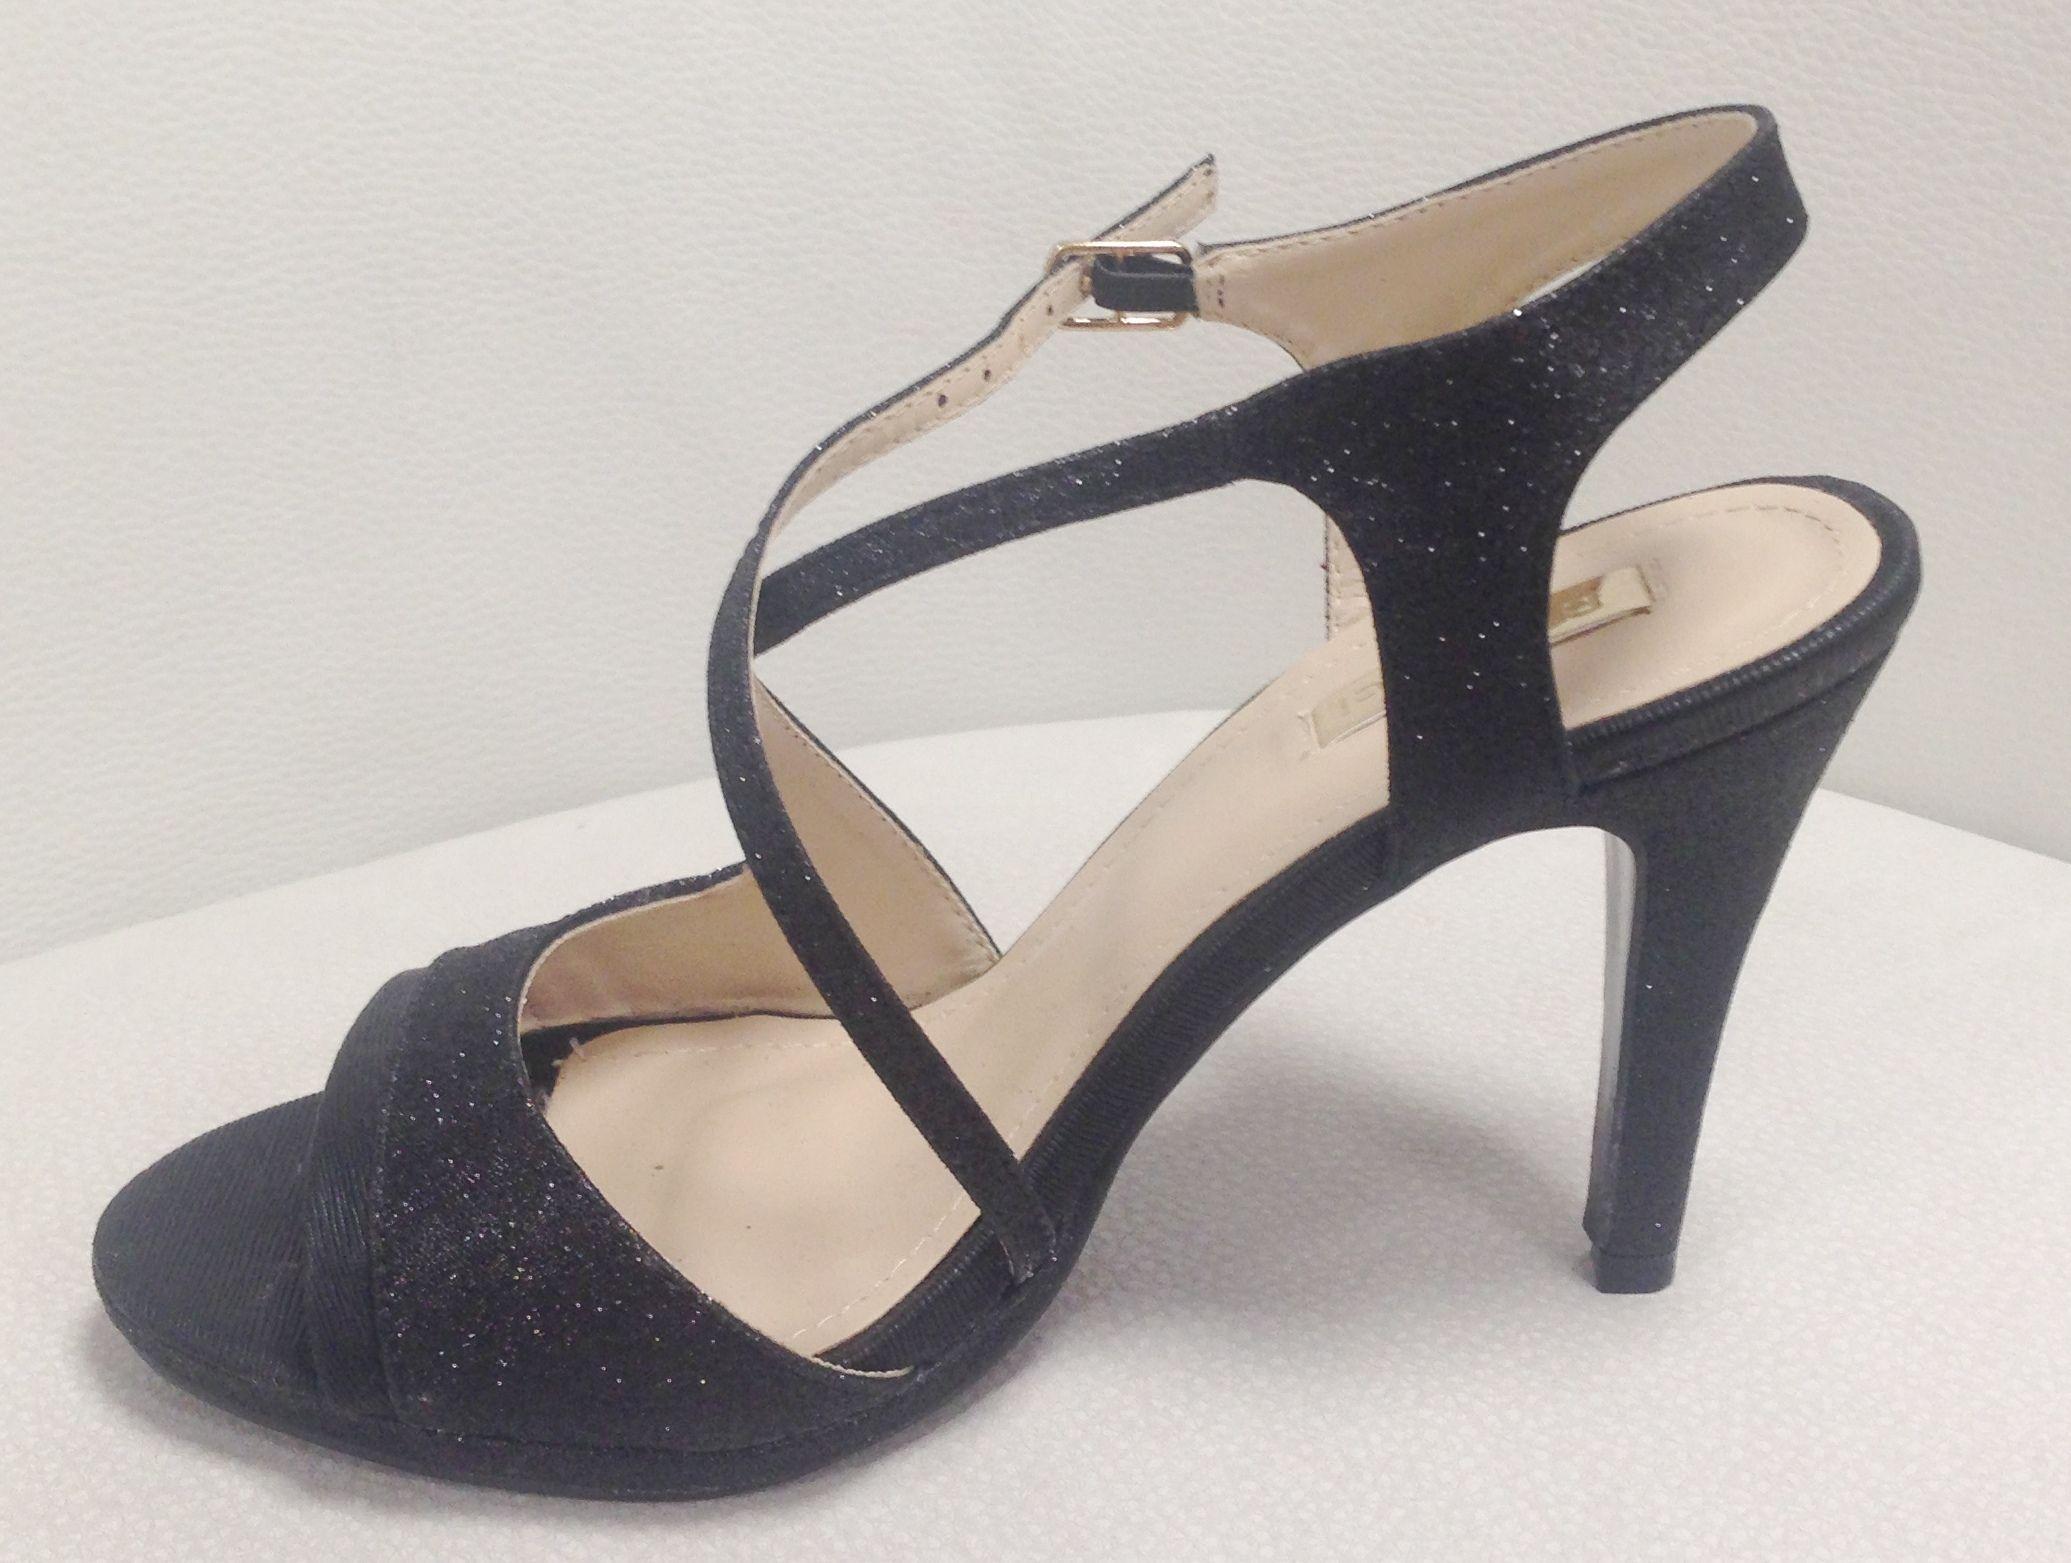 différemment bf4f8 e8201 Sandales noir brides croirsées talon 8 cm avec plateforme ...